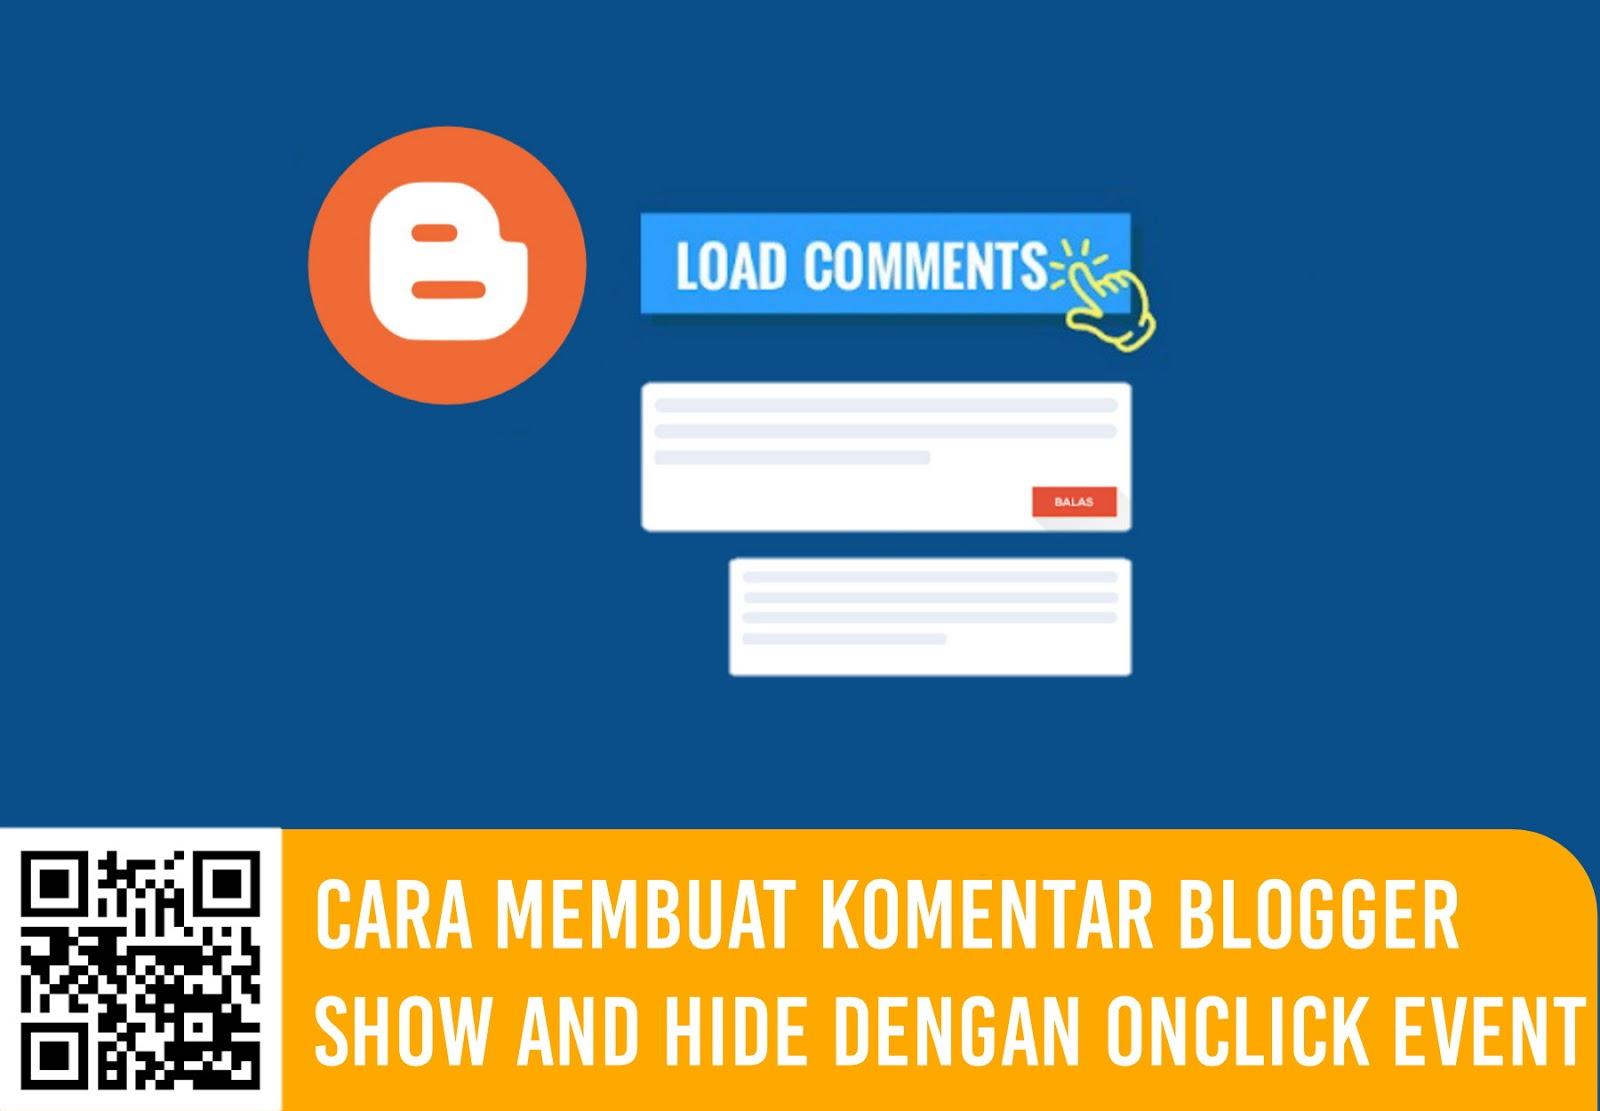 Cara Membuat Komentar Blogger Show and Hide dengan Onclick Event